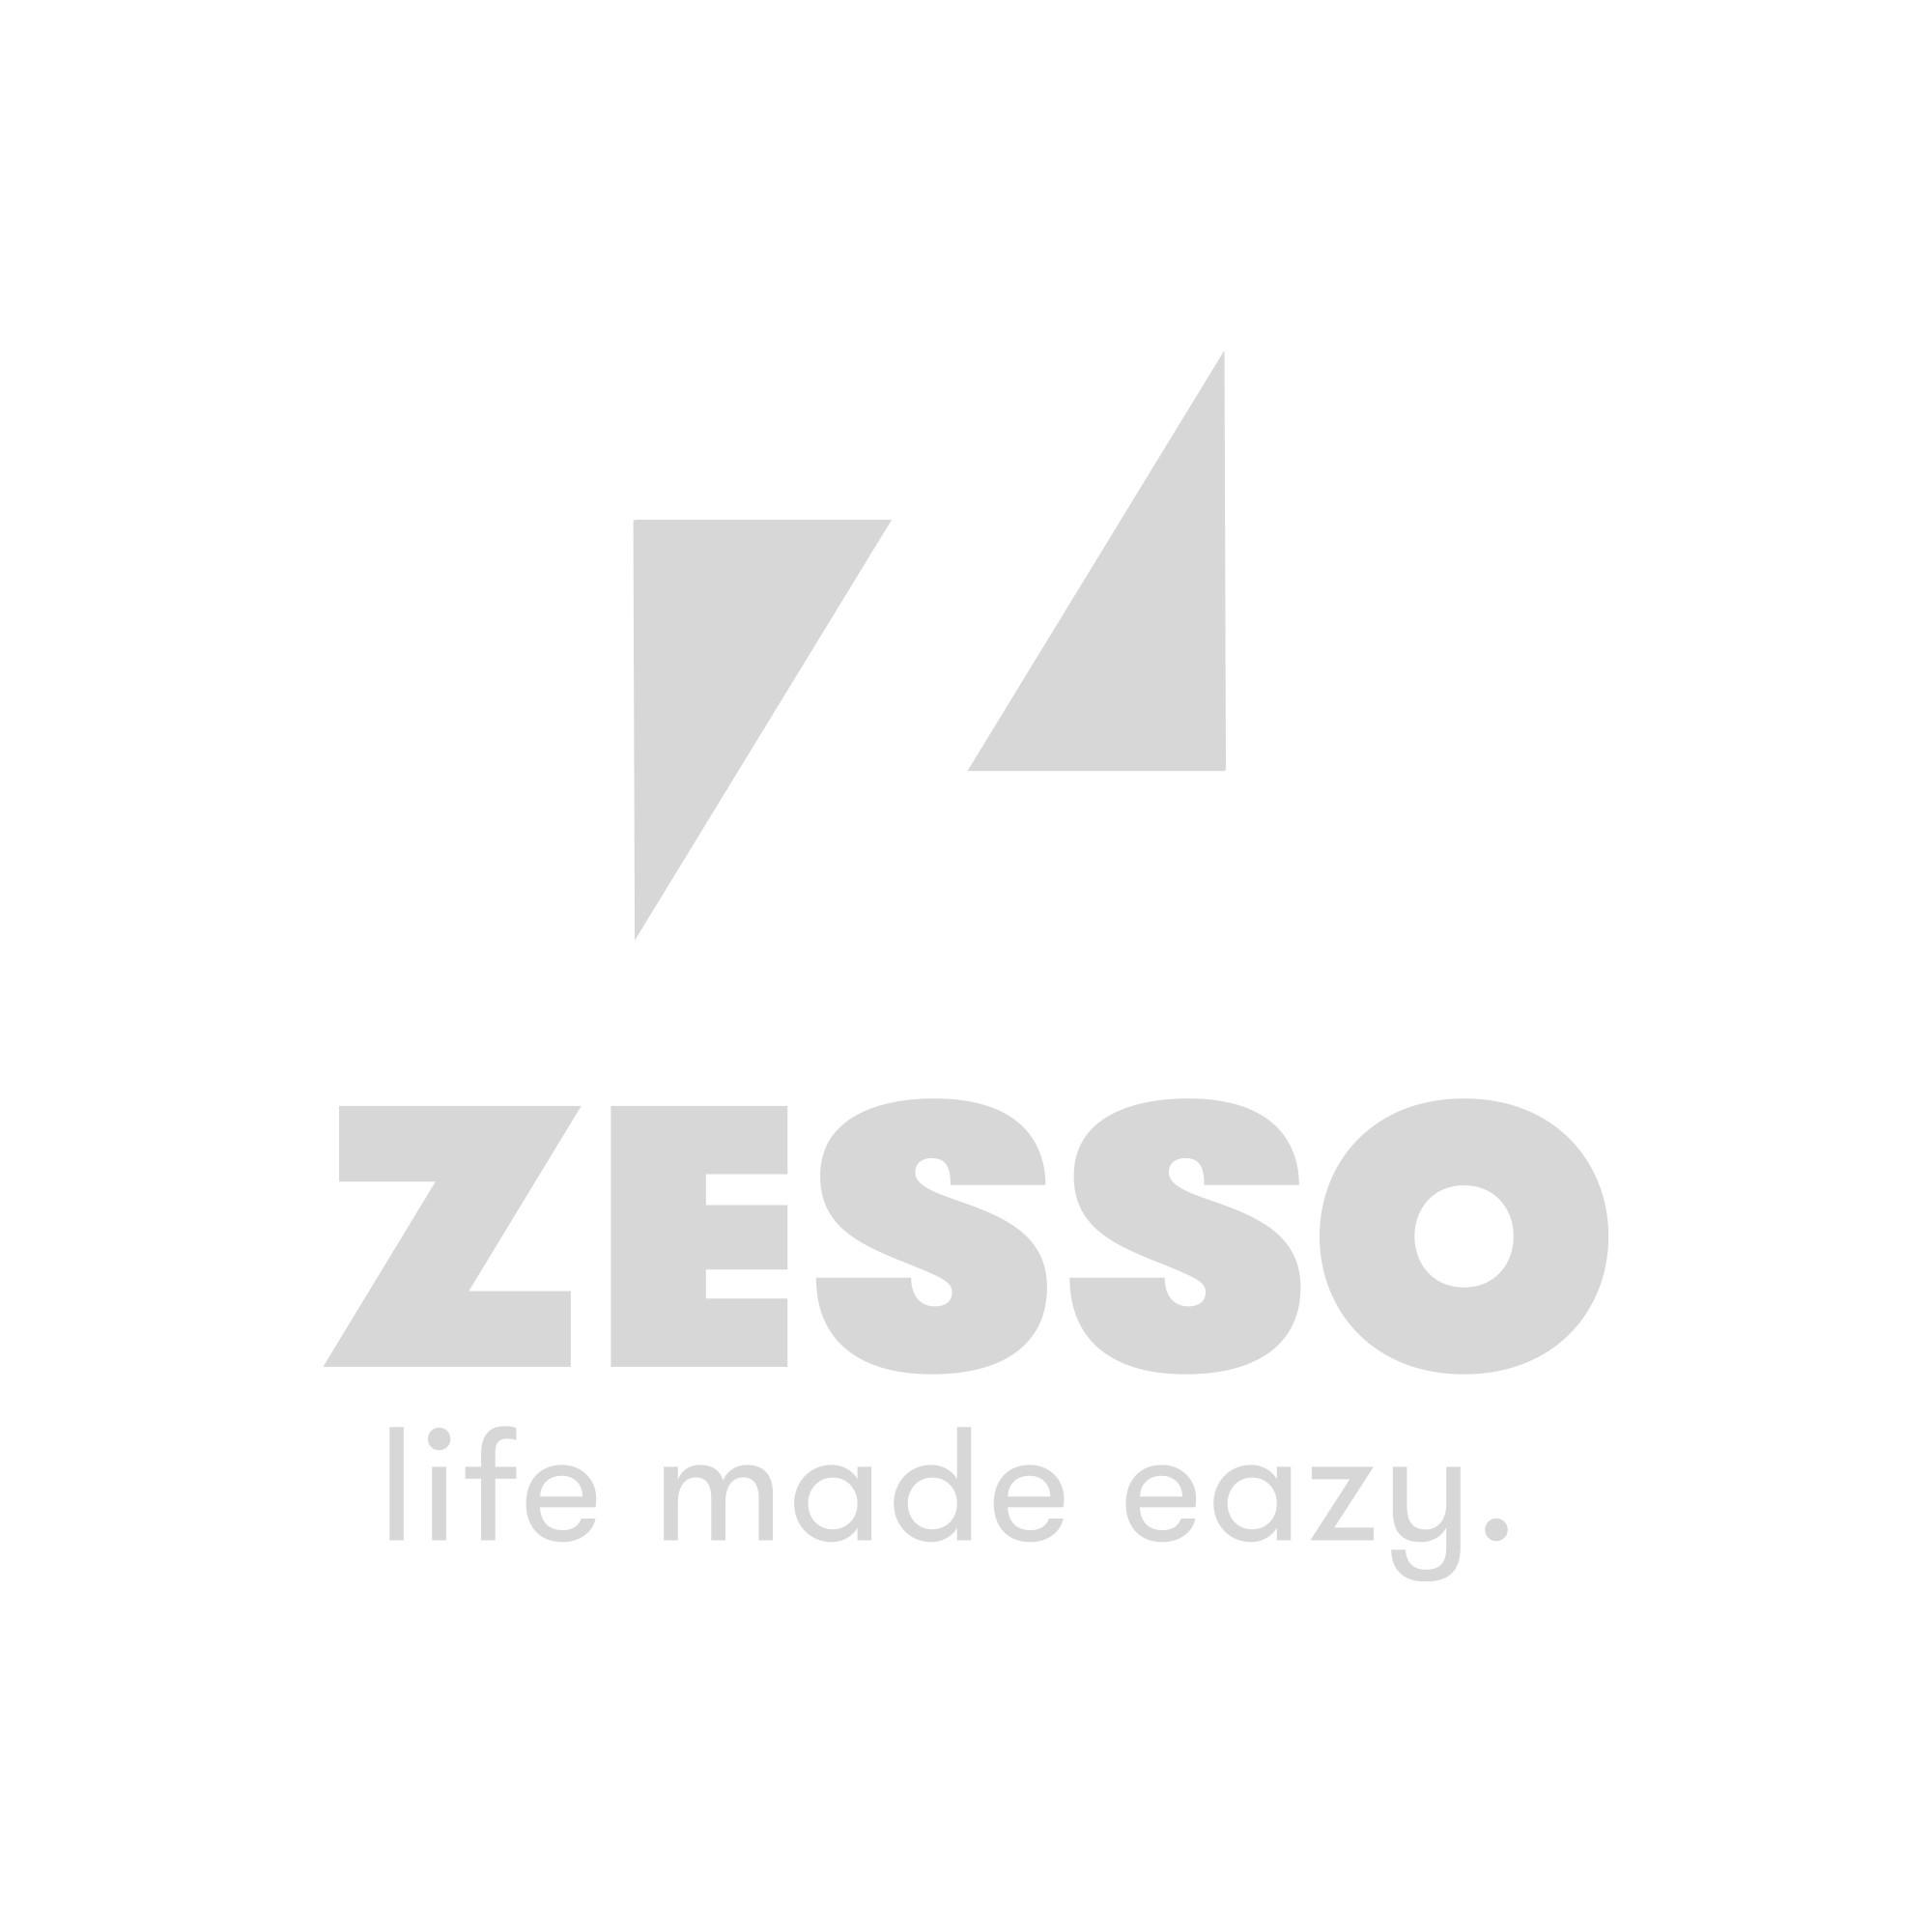 Dunlop Fietshelm HB13 Medium Blauw - Maat 55 tot 58